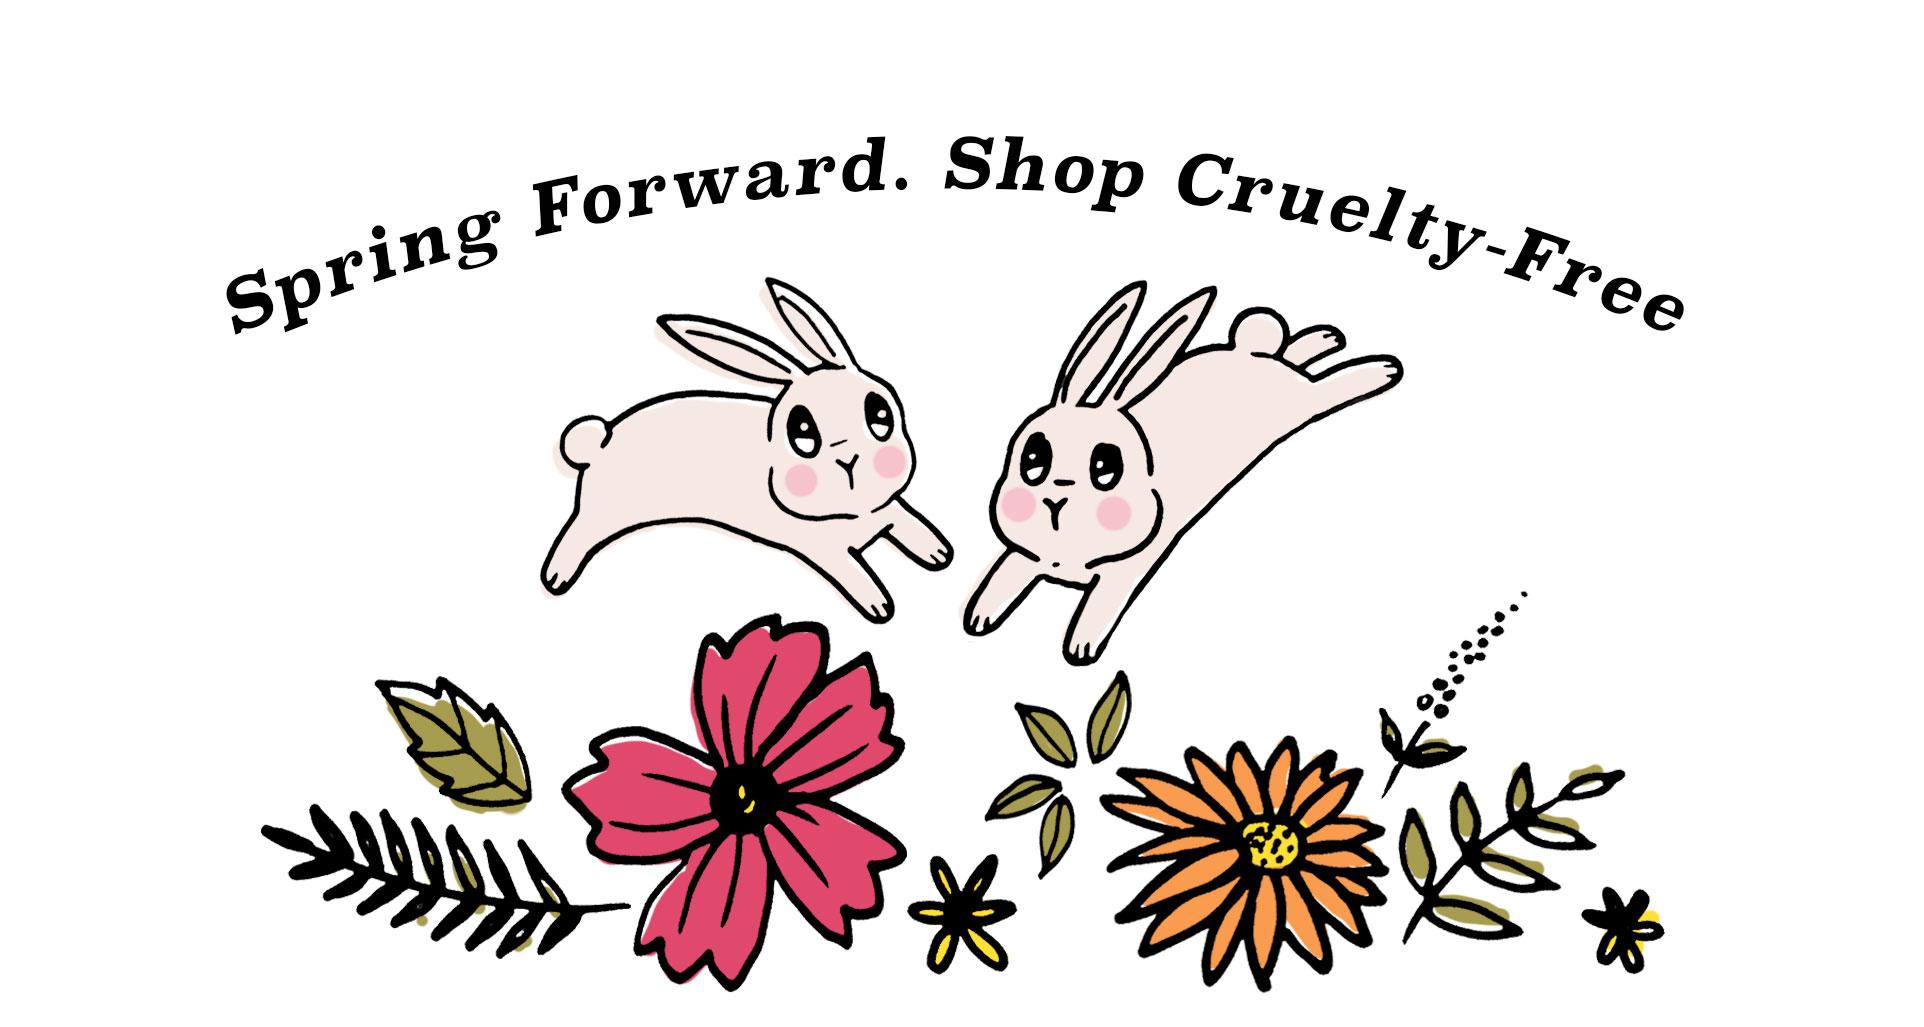 Spring Forward! Shop Cruelty-Free!